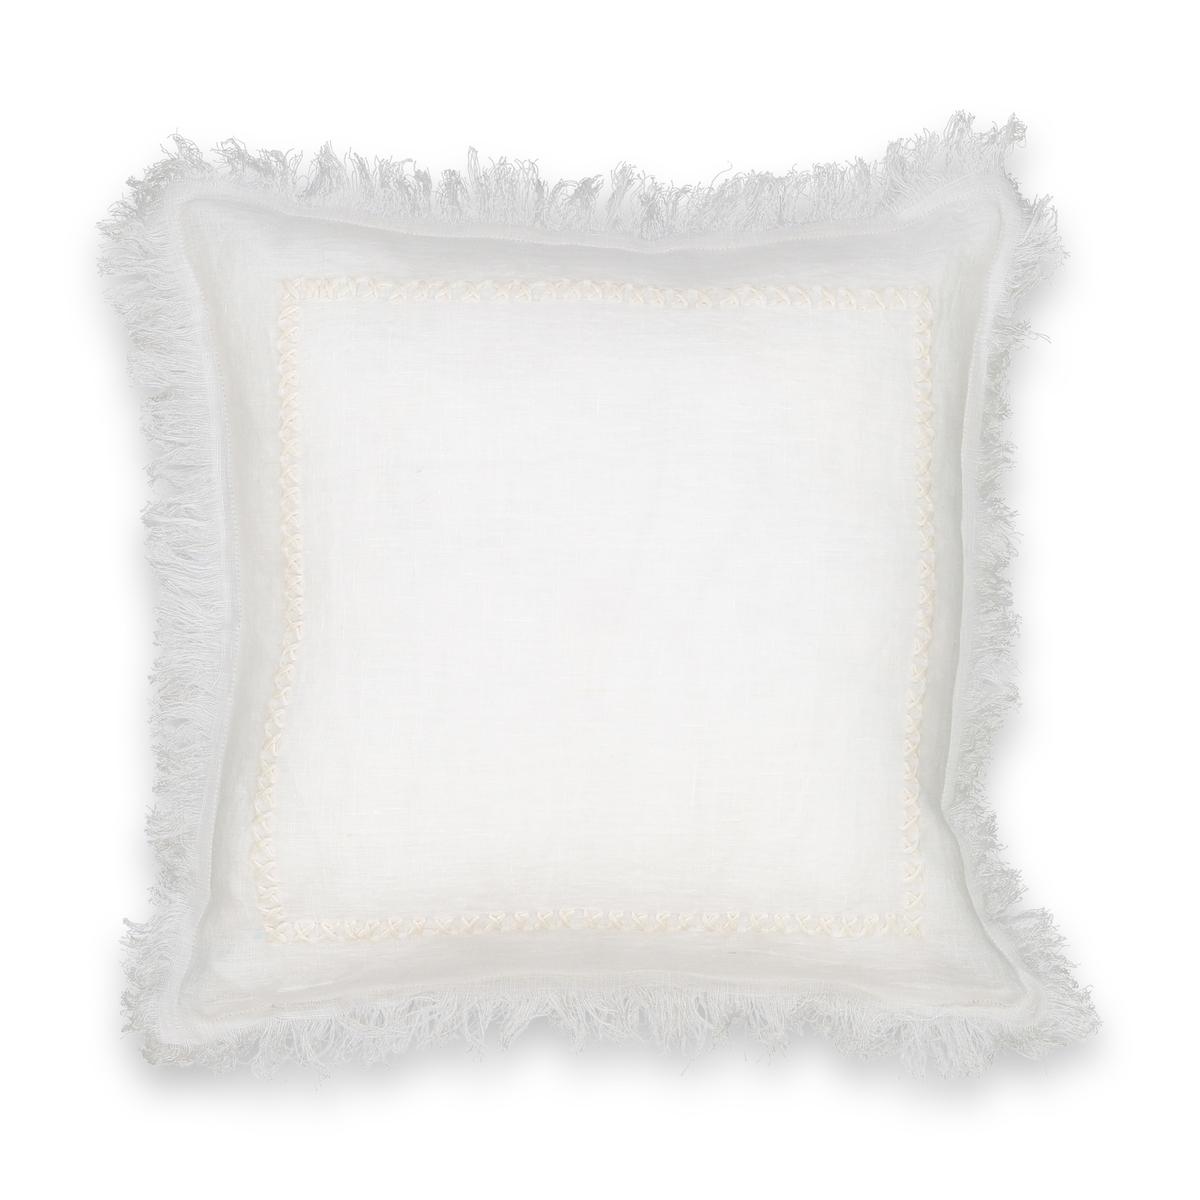 Чехол на подушку-валик с ручной вышивкой, Domitien